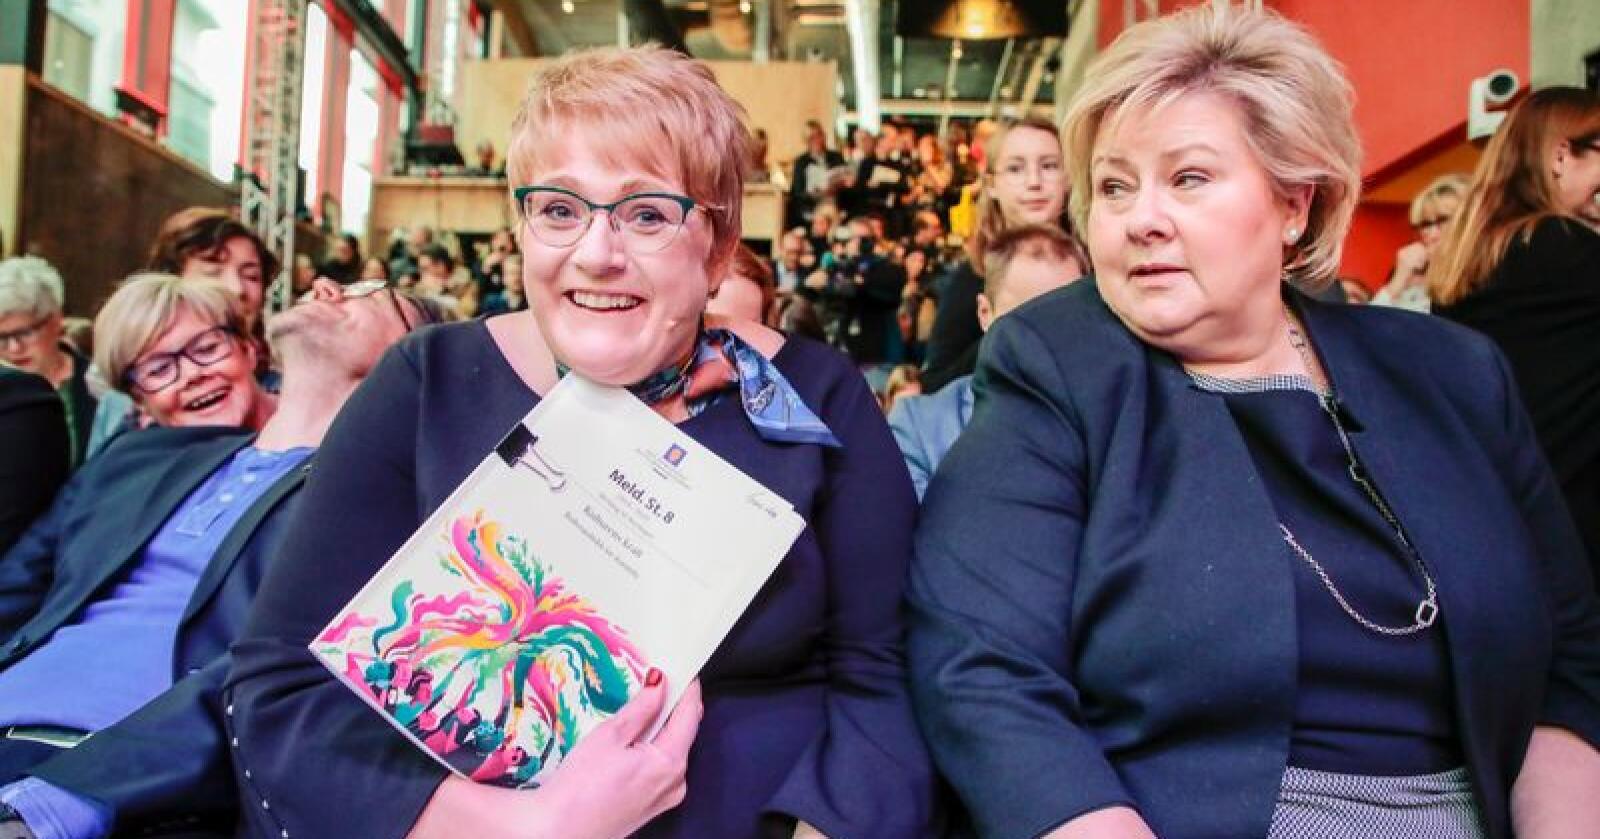 Kulturminister Trine Skei Grande (t.v.) og statsminister Erna Solberg med den nye kulturmeldingen. Foto: Håkon Mosvold Larsen / NTB scanpix